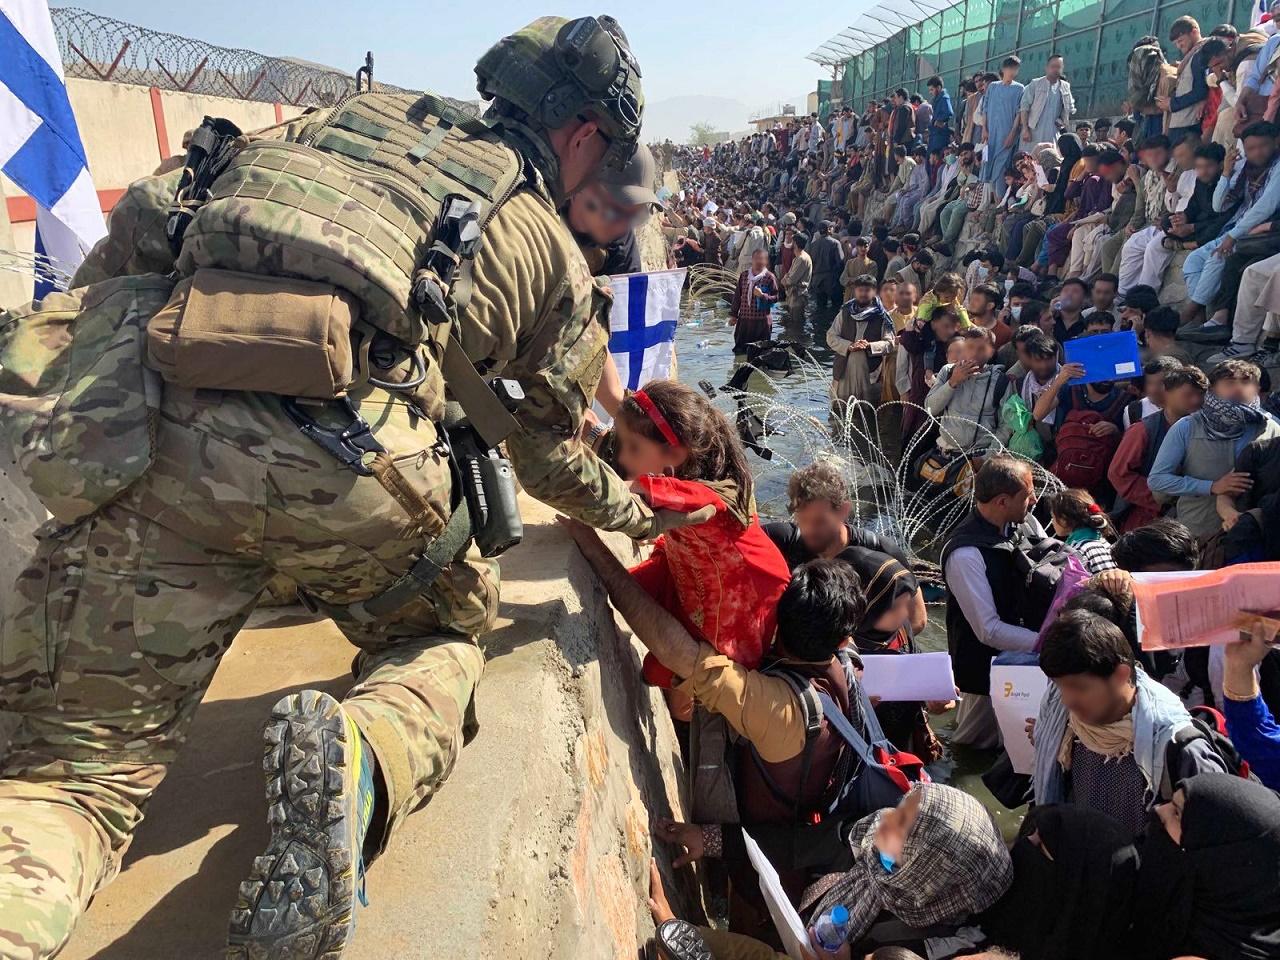 Kuvassa suomalainen suojausjoukon jäsen auttaa pientä afgaanityttöä muurin yli suojaan. Taustalla väkijoukkoa ja kaaosta Kabulin kentän läheisyydessä.